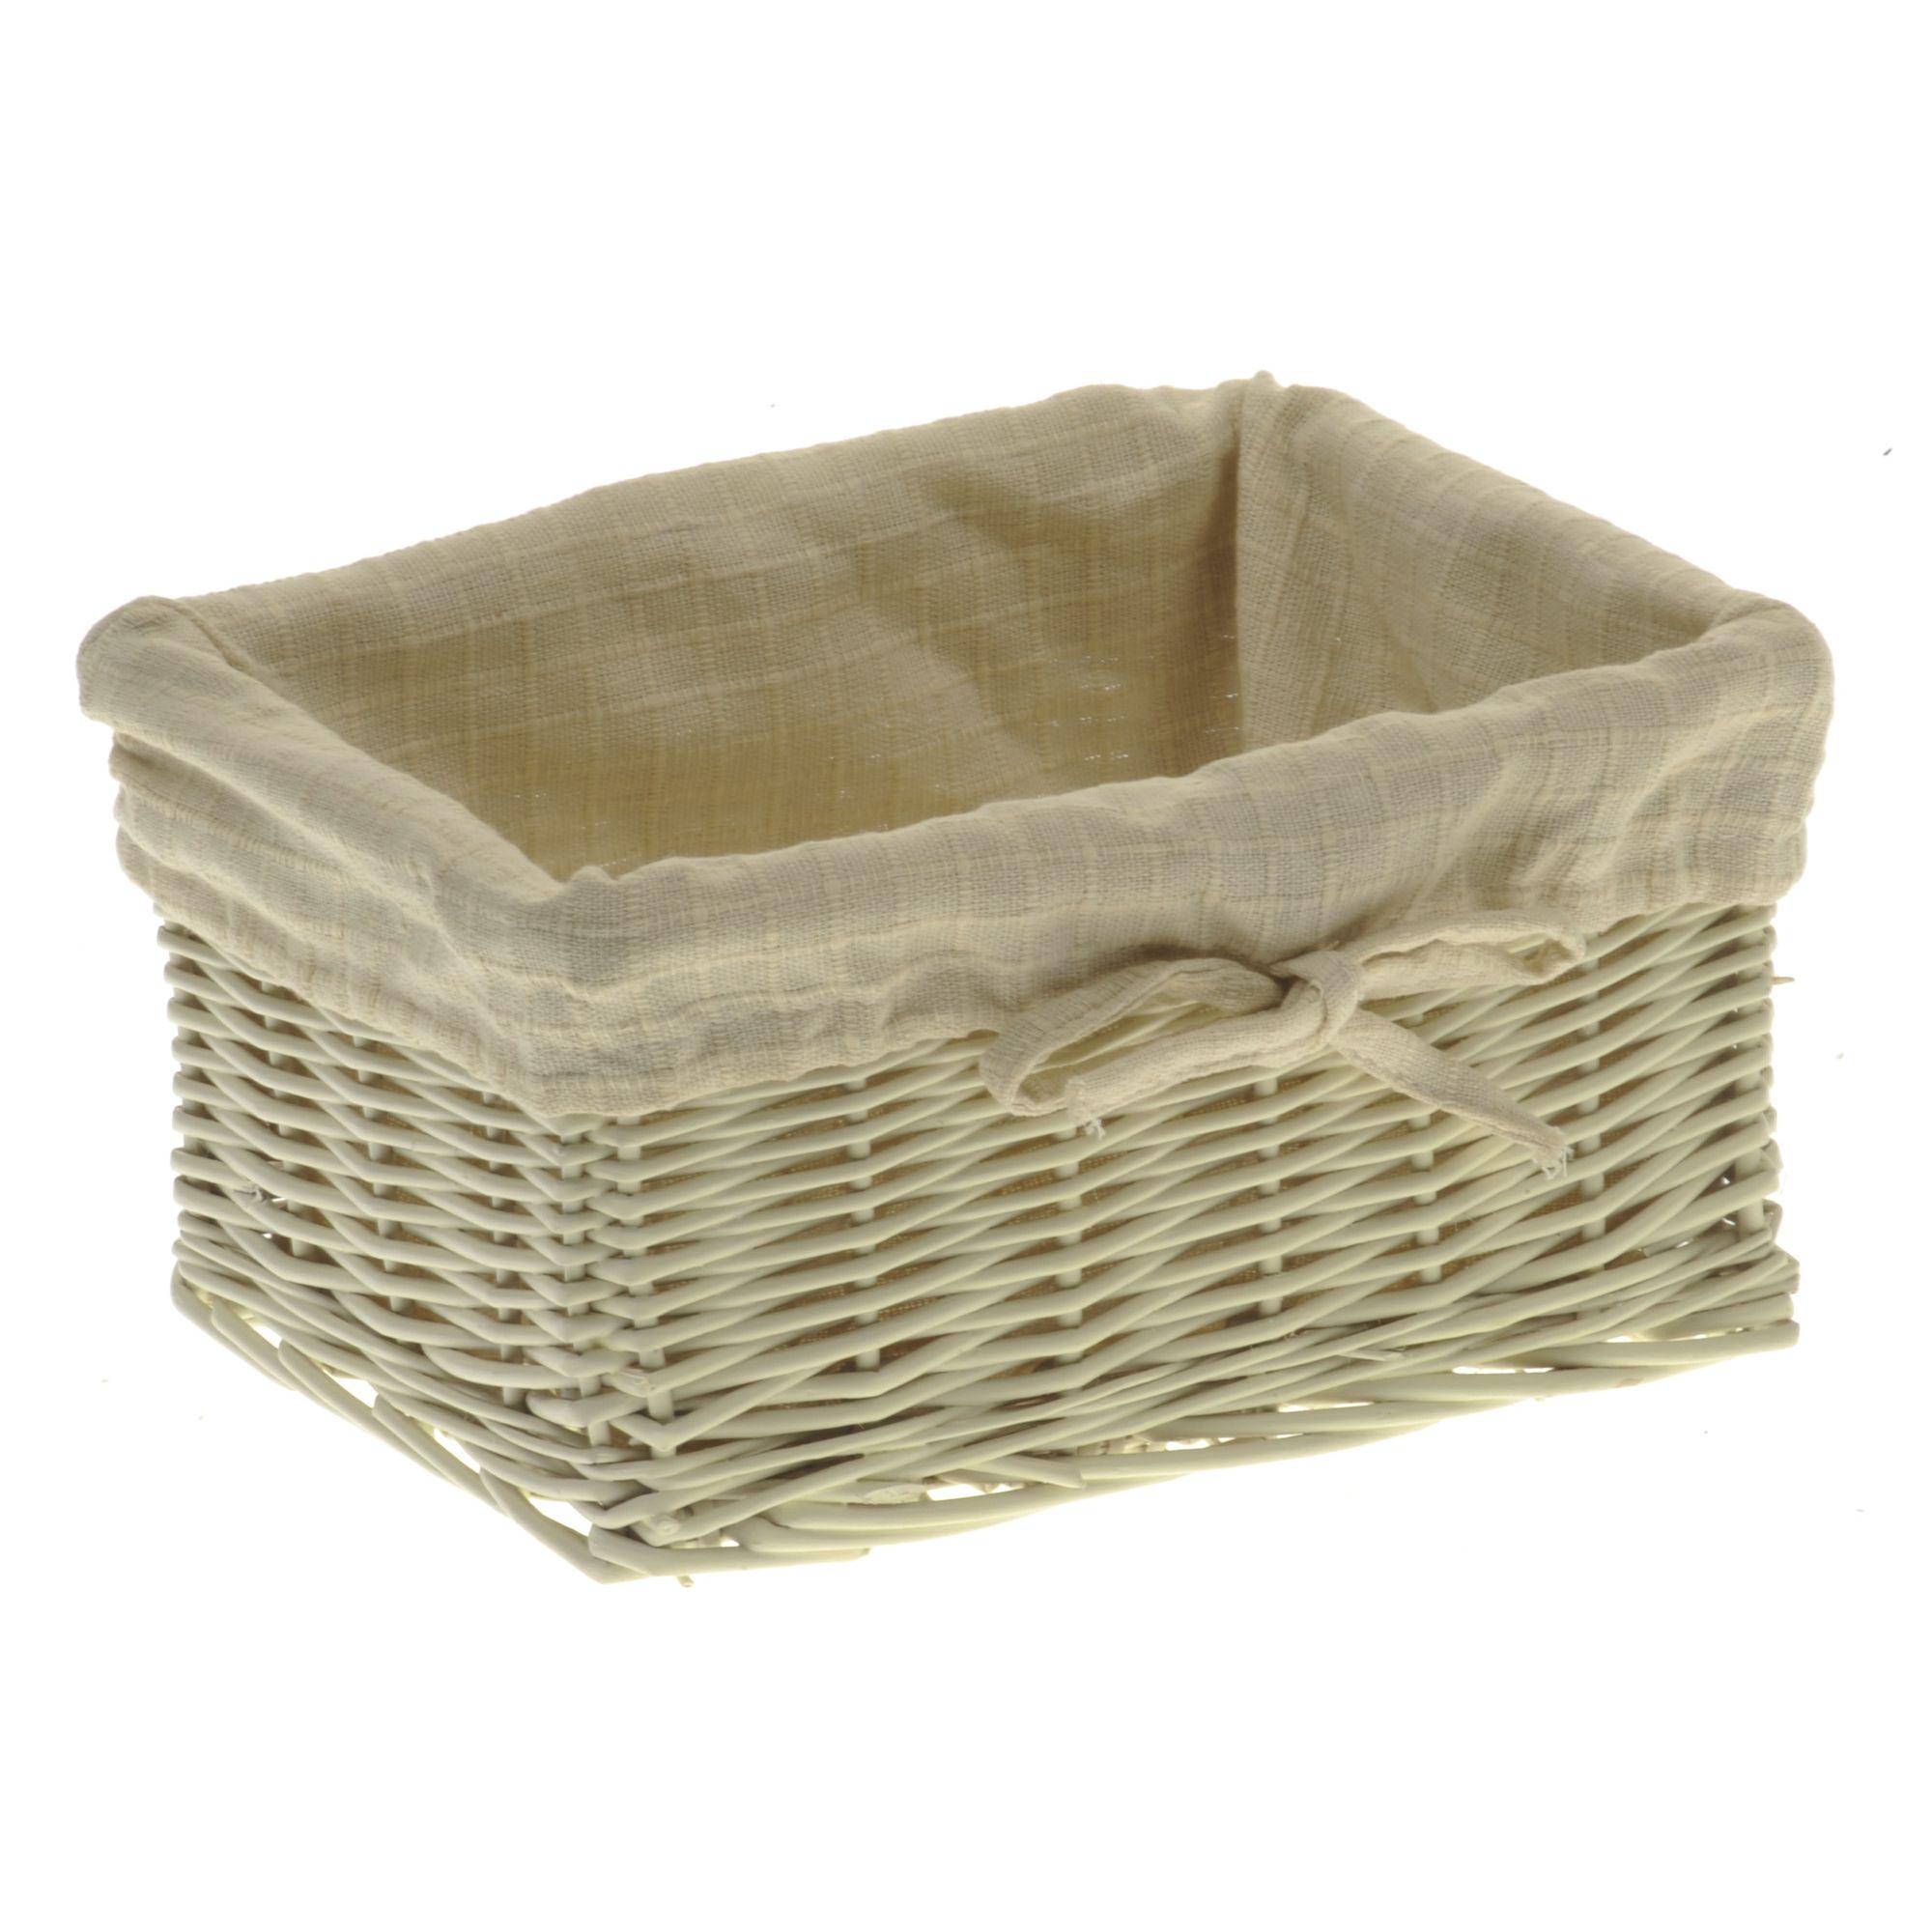 Wicker Valley Storage Basket with Cream Lining - Medium